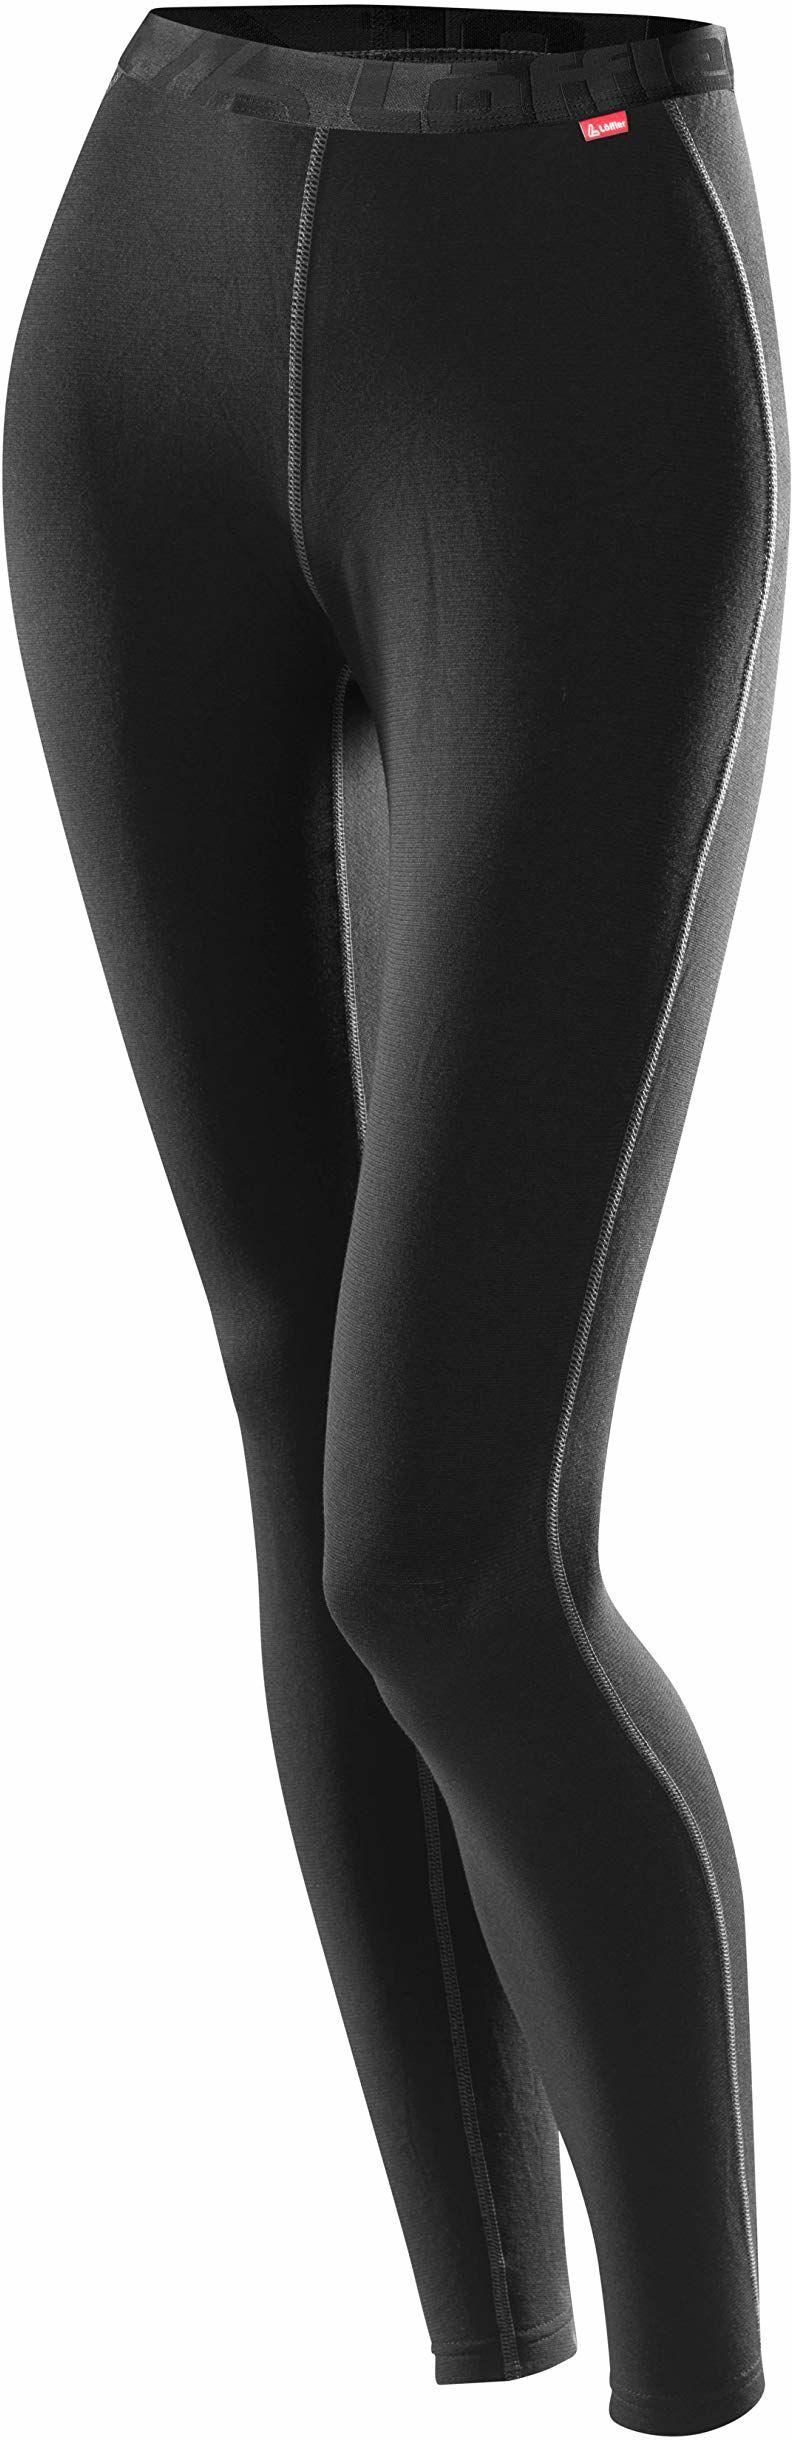 Löffler Damskie kalesony długie, Transtex ciepłe, czarne, 44